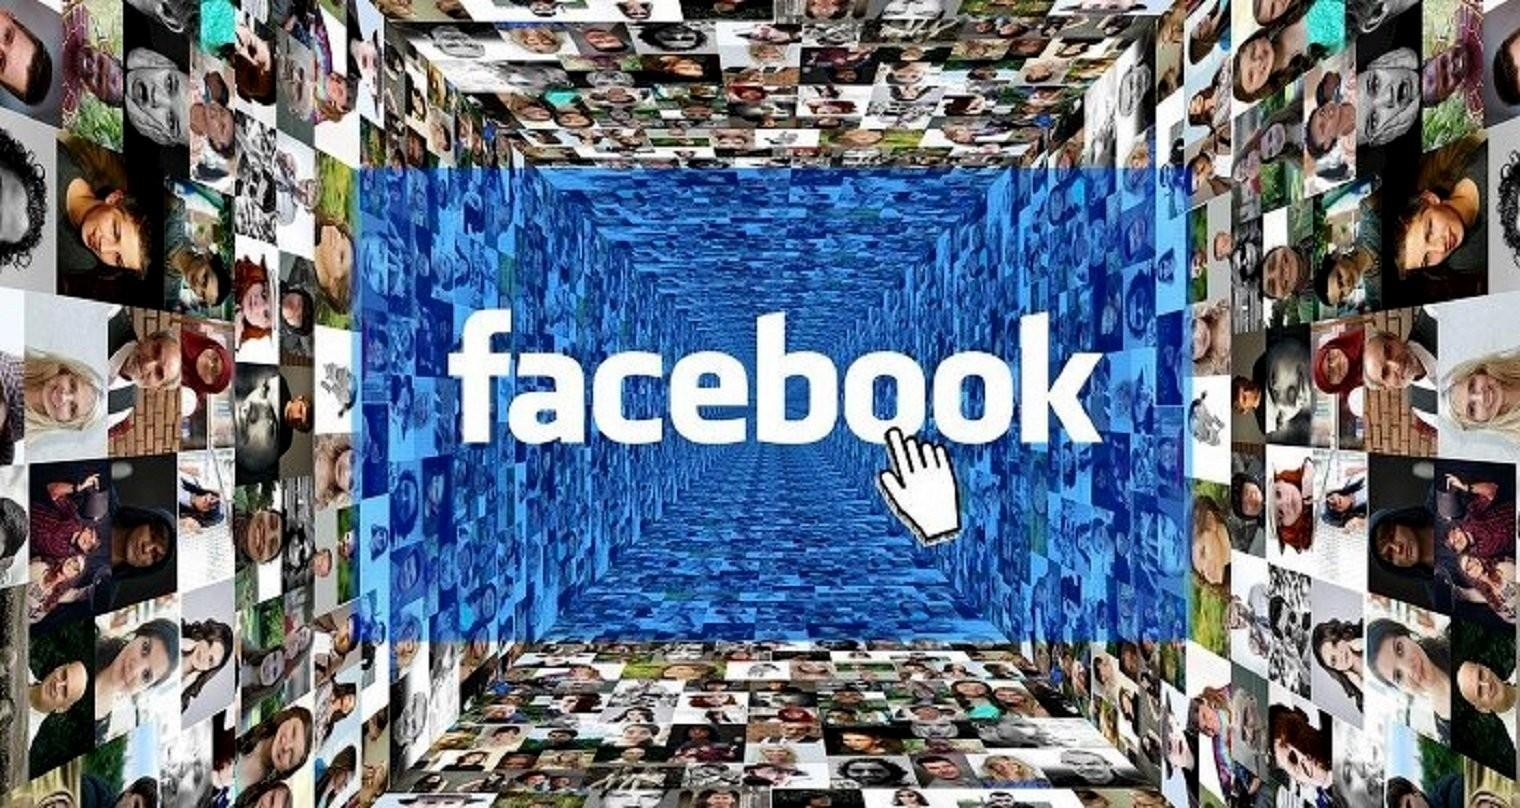 Собственный тринадцатый День рождения сегодня отмечает социальная сеть Facebook